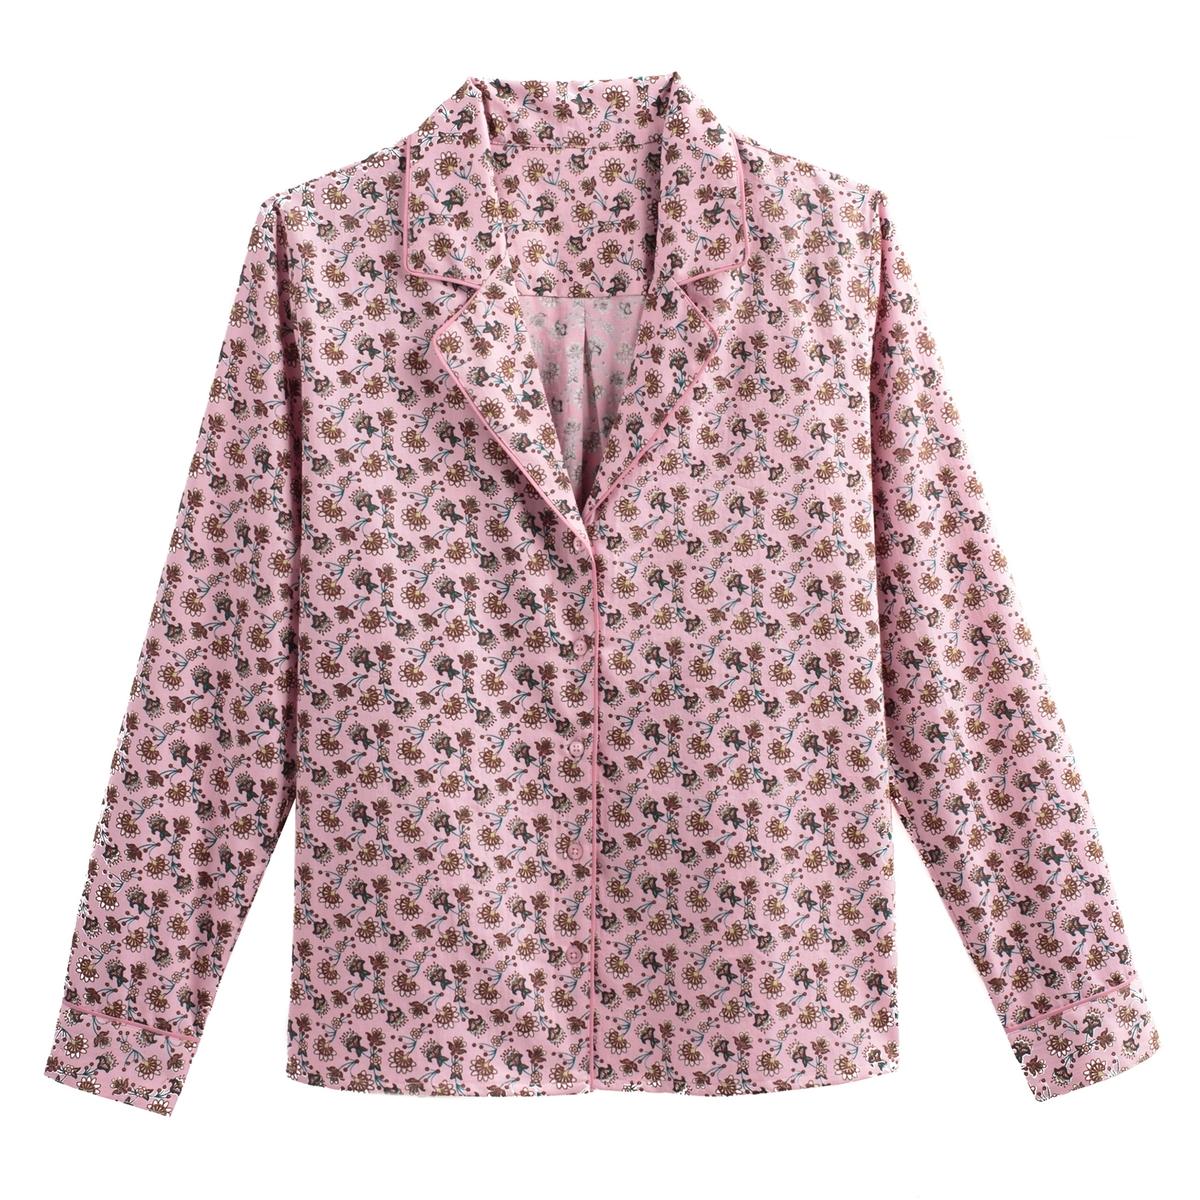 Camisa estilo pijama, estampado floral